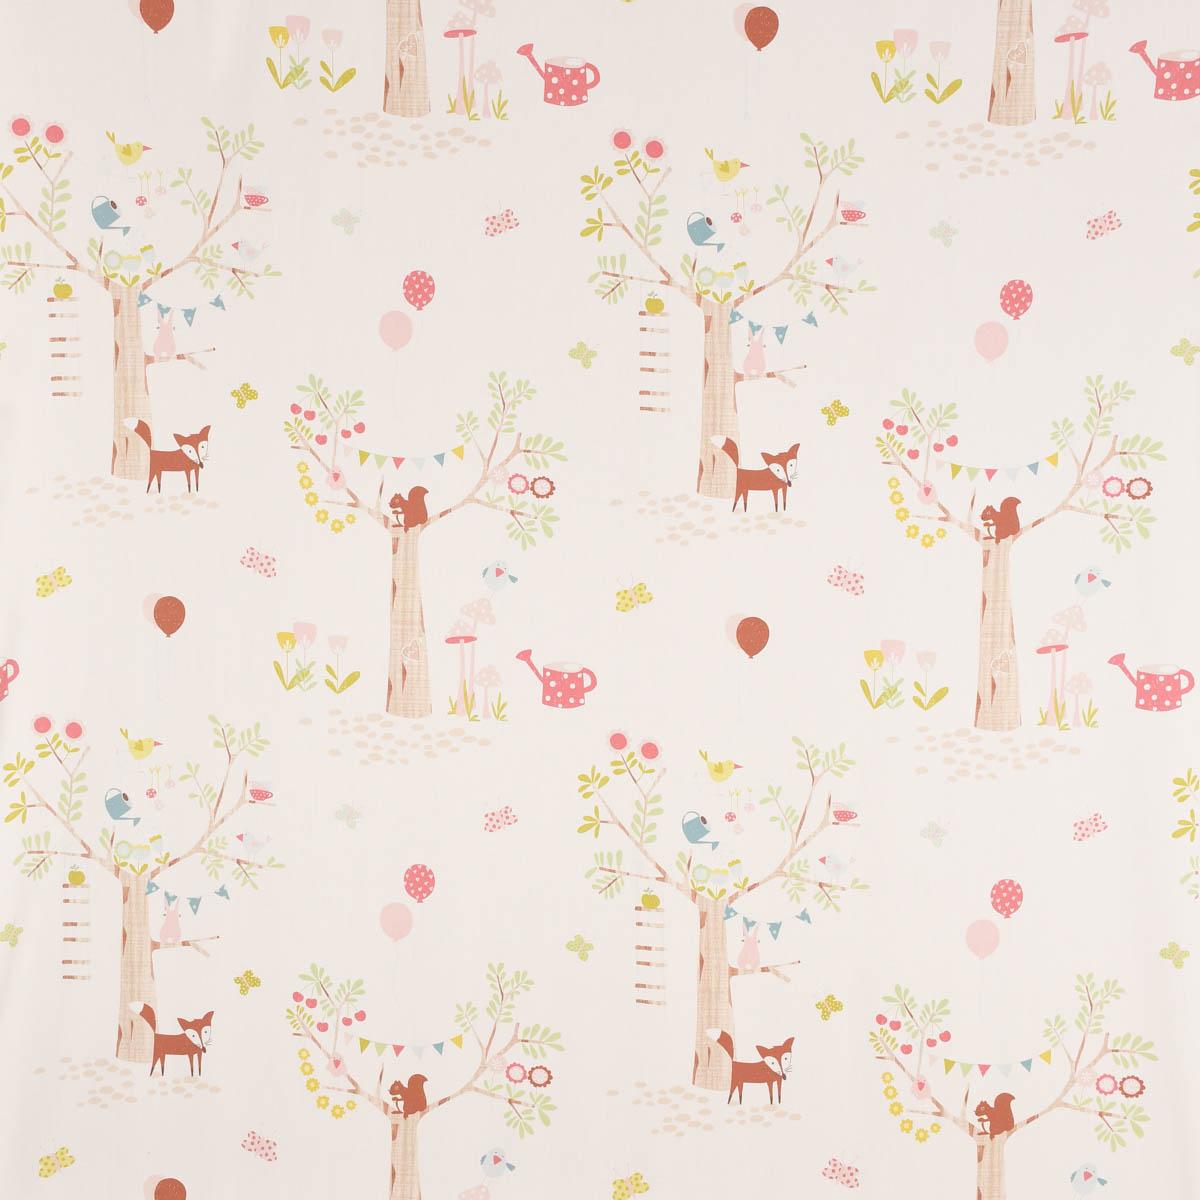 Baumwollstoff Dekostoff Bettwäschestoff Forest Bäume Blumen Tiere weiß bunt 1,40m Breite